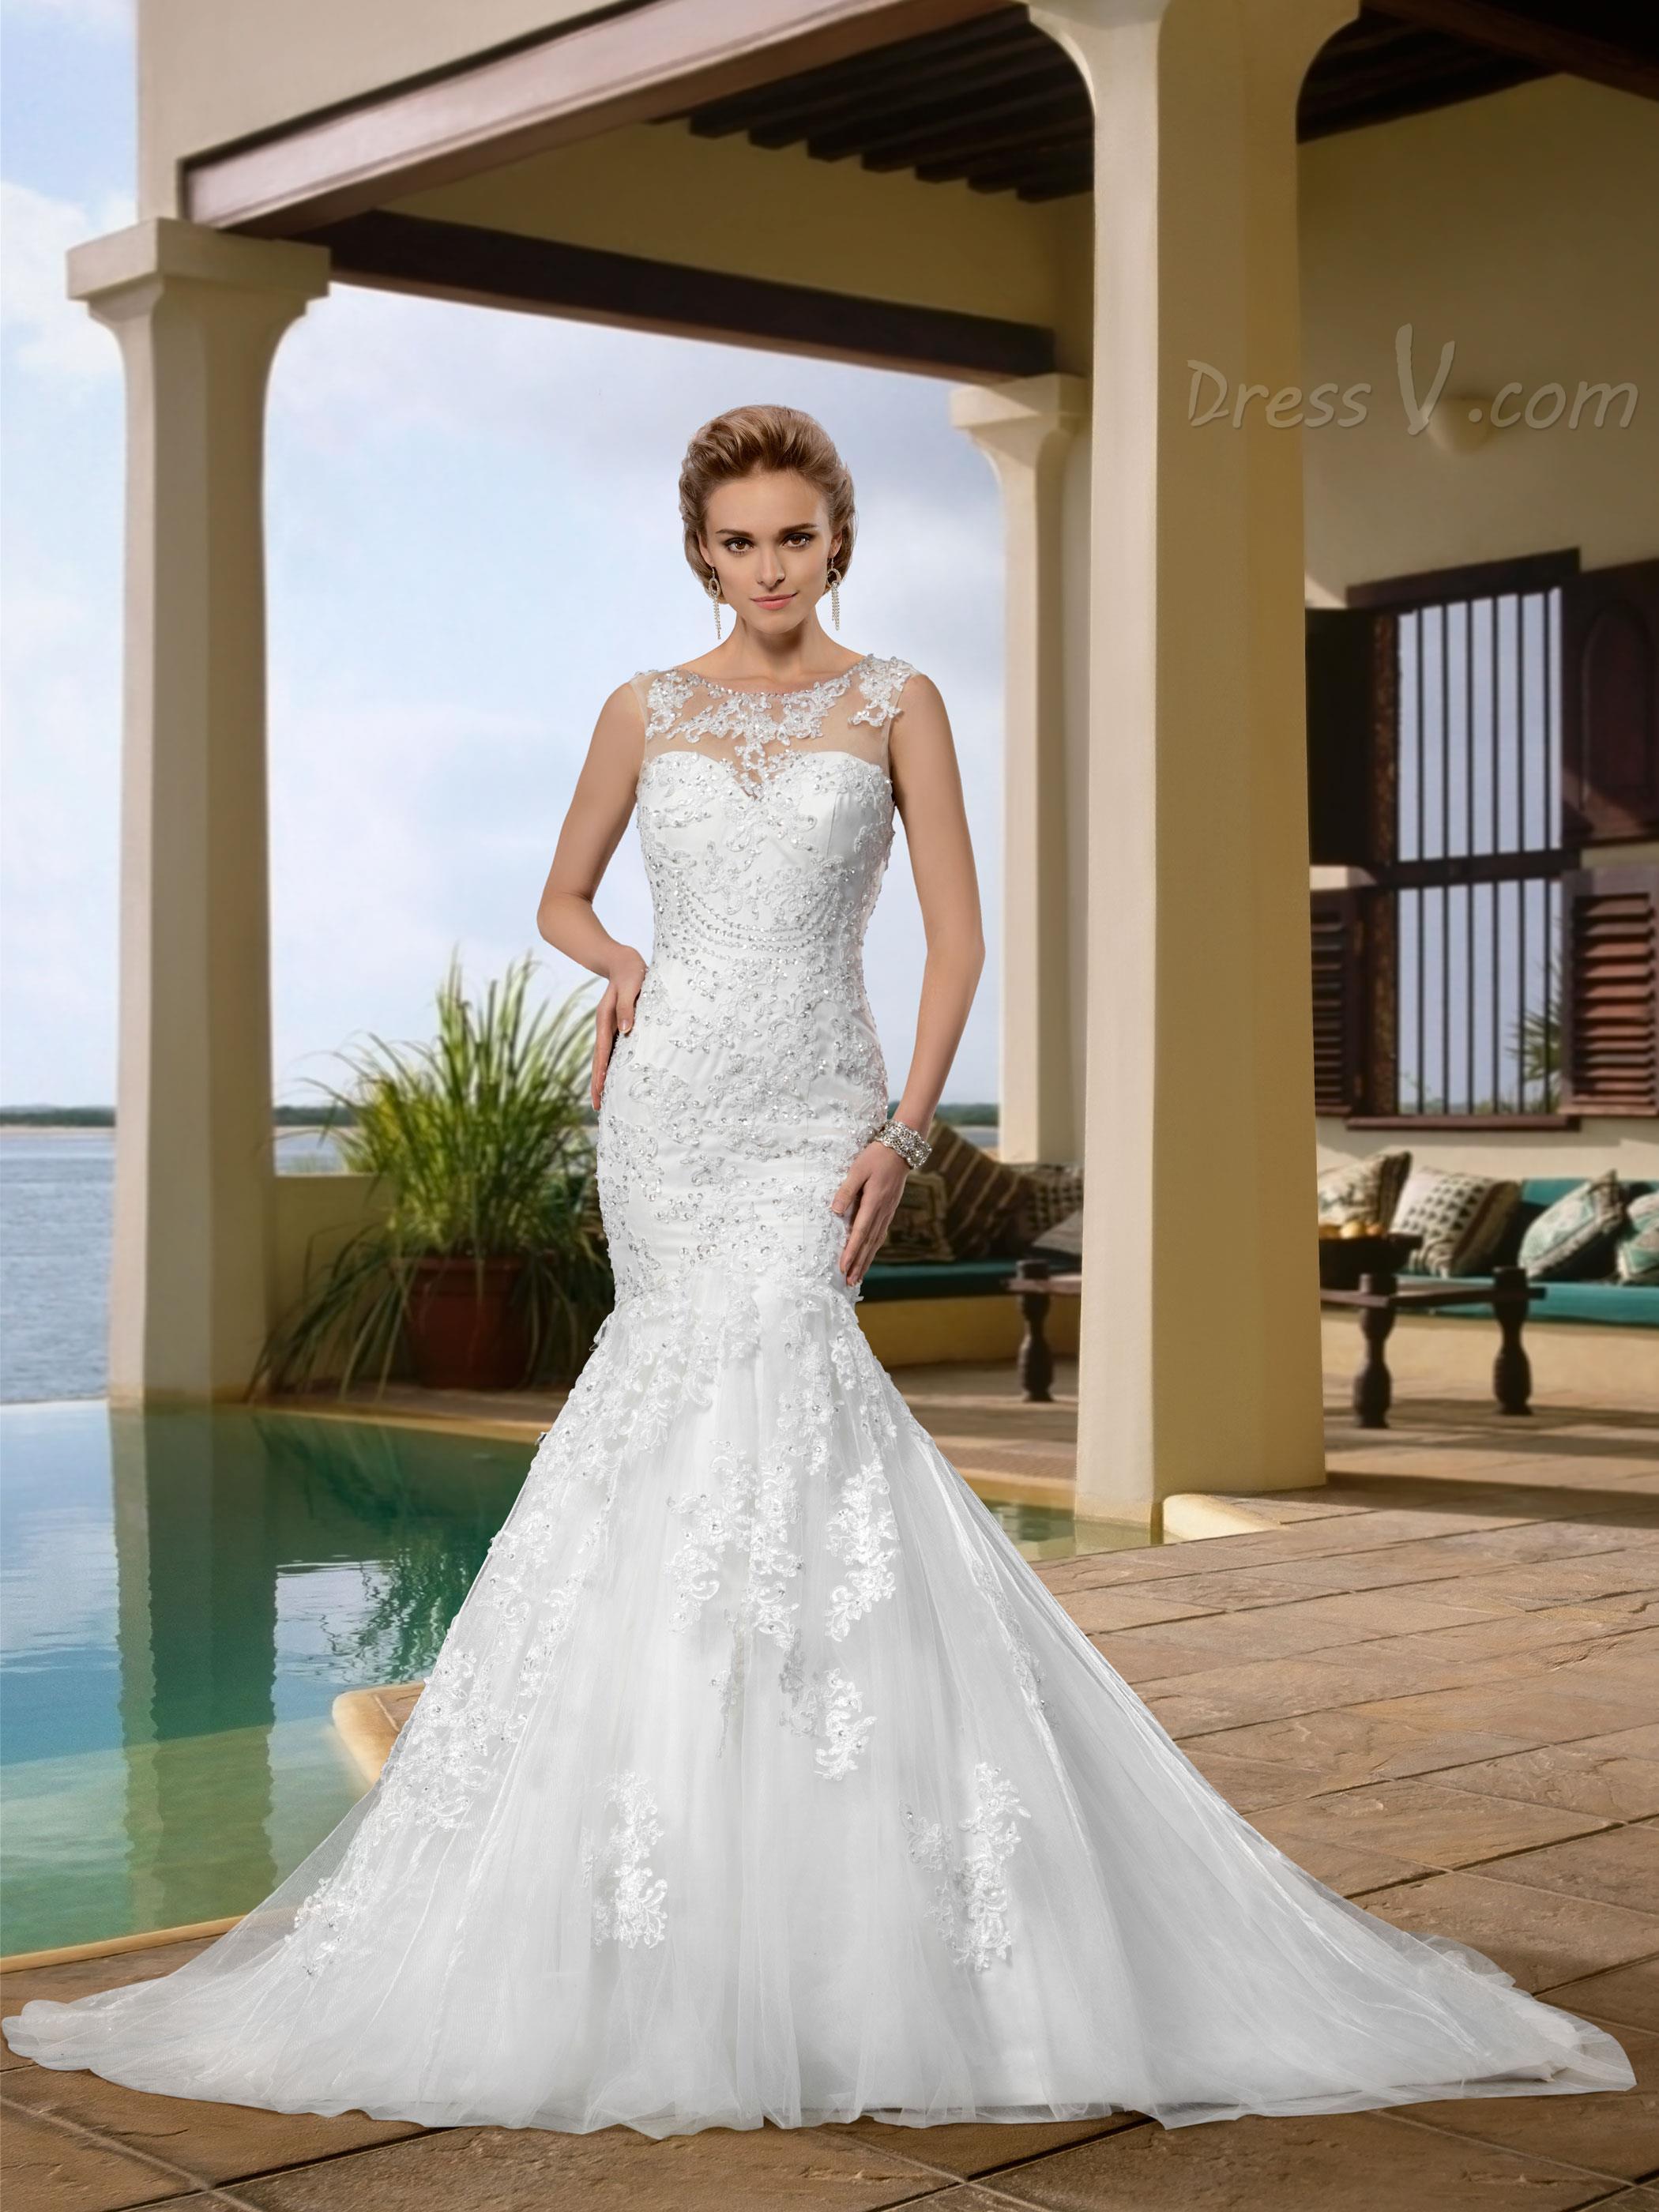 Affordable Wedding Dresses Rental - Wedding Dress Maker